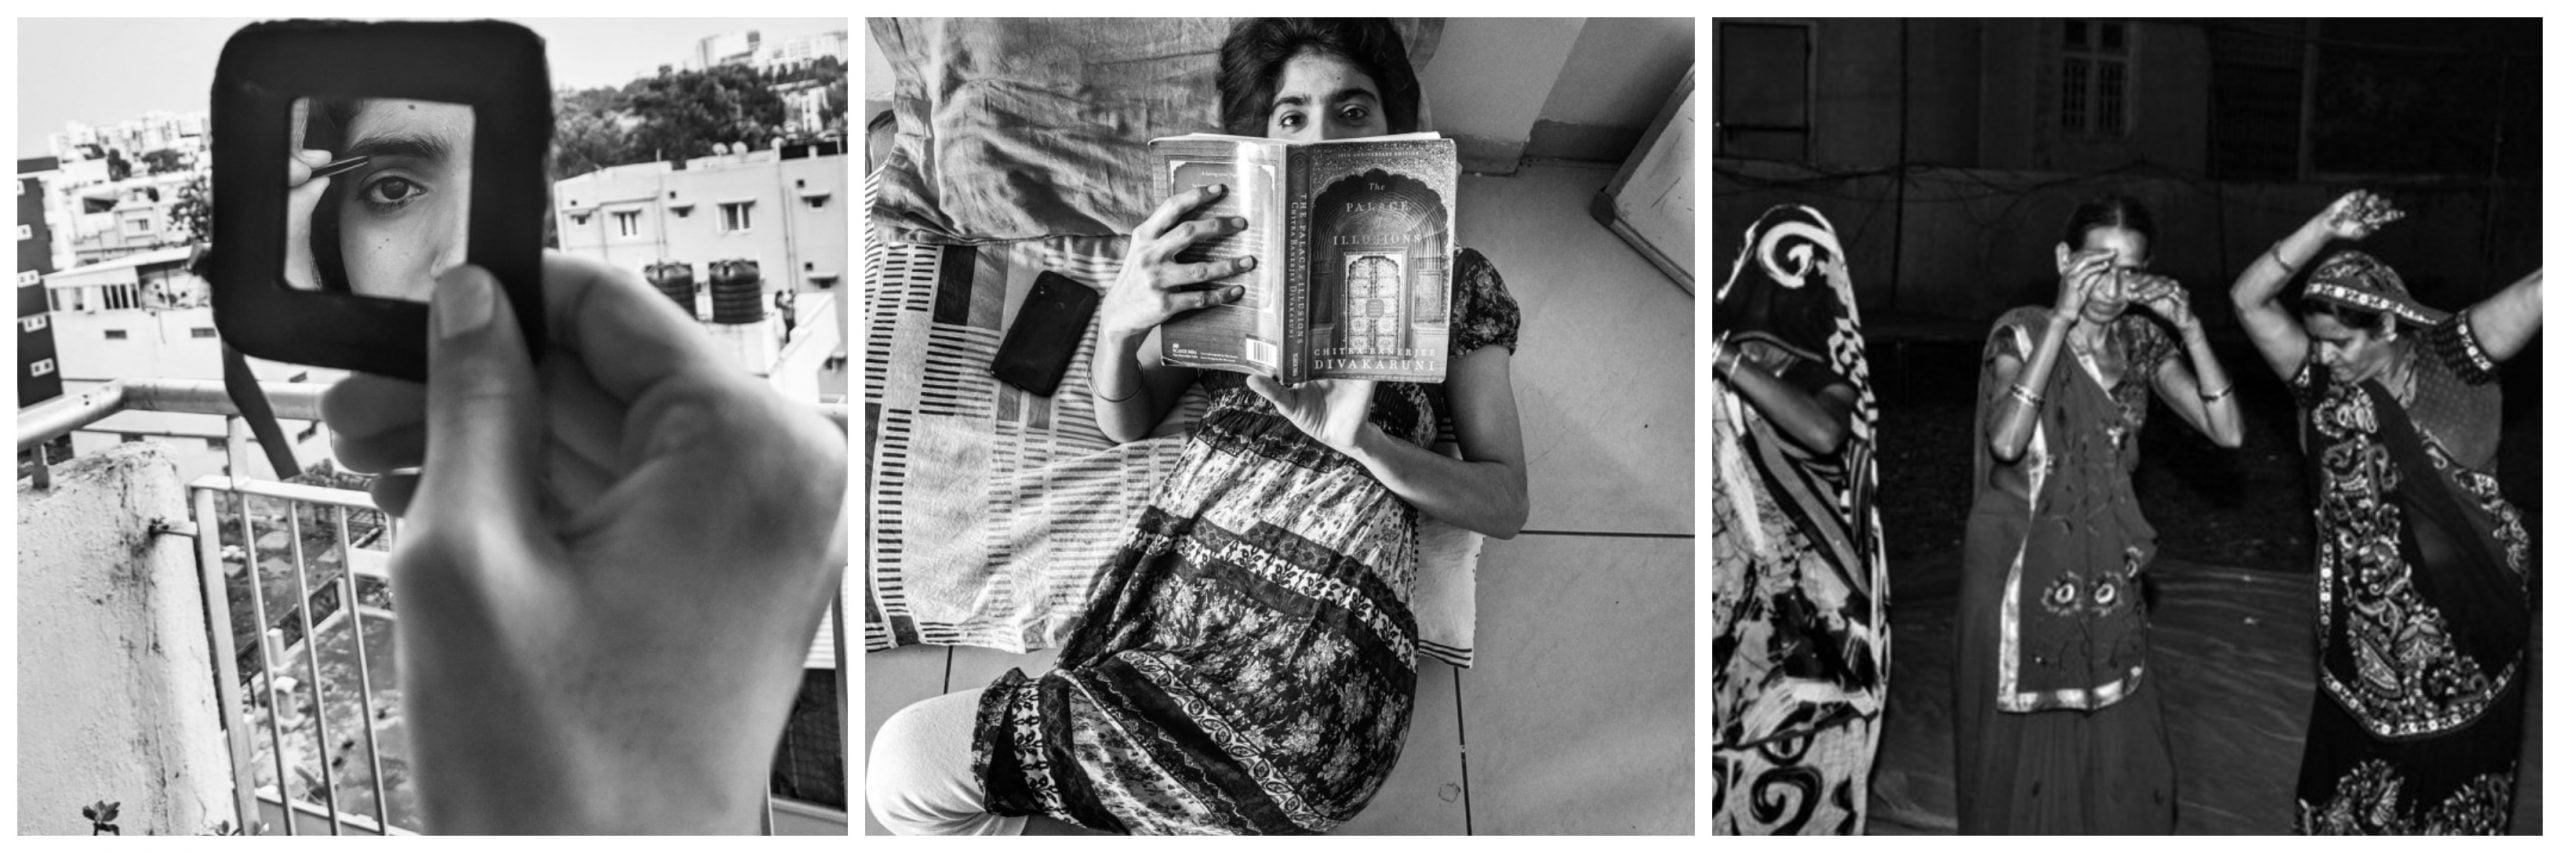 फोटो निबंध: फुर्सत के पलों में महिलाओं को कैद करती तस्वीरें